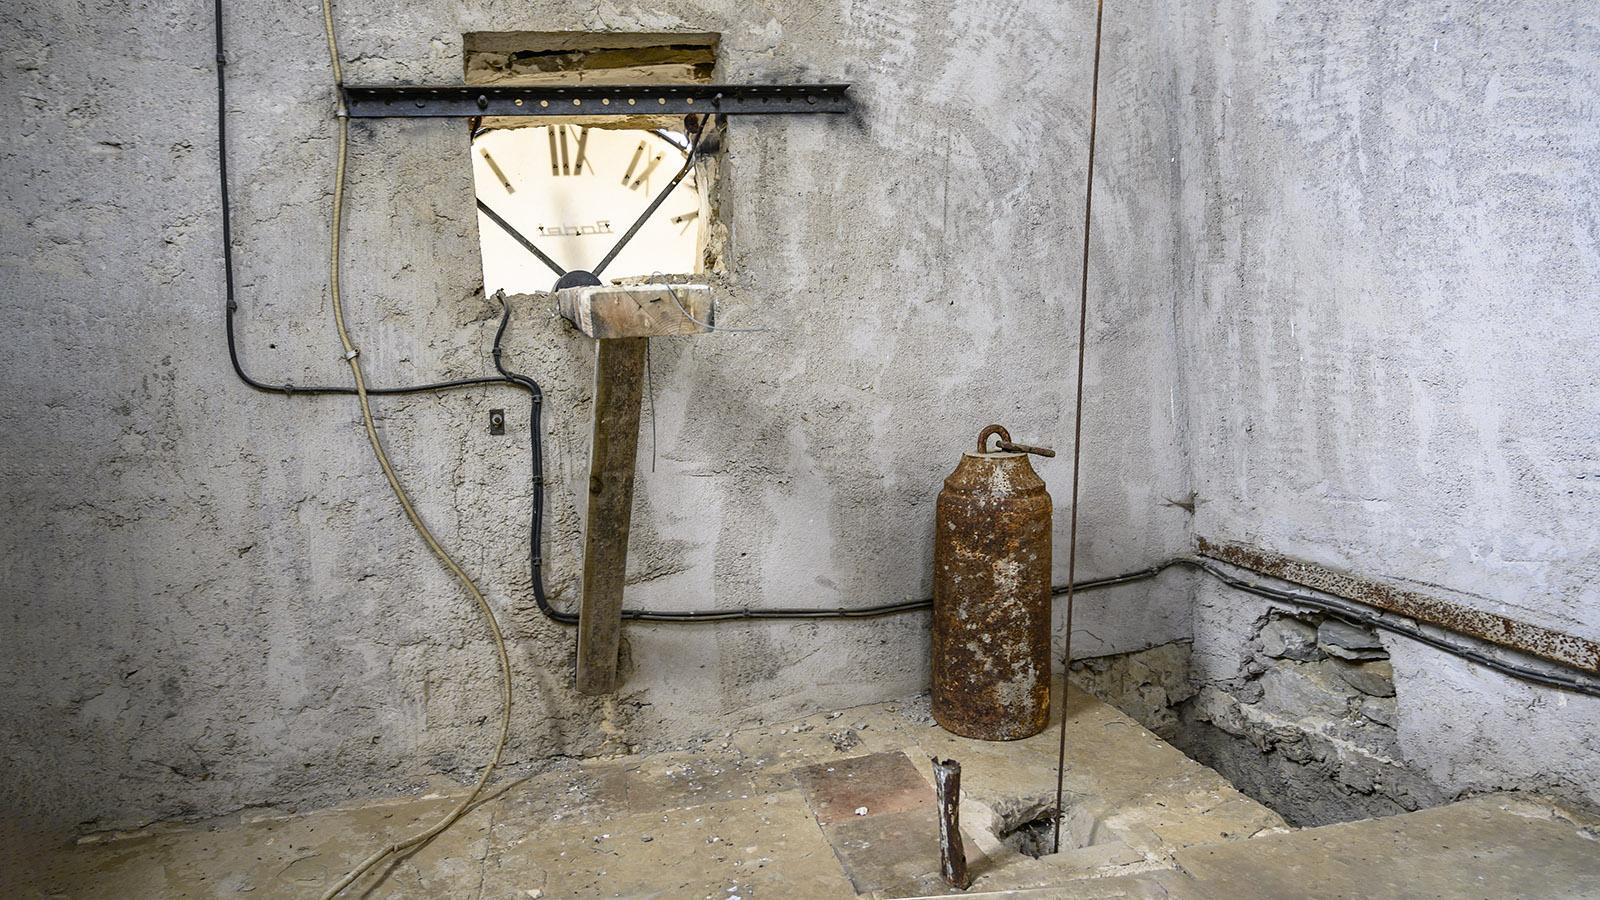 La Serpent: Stillleben hinter der Kirchturmuhr. Foto: Hilke Maunder